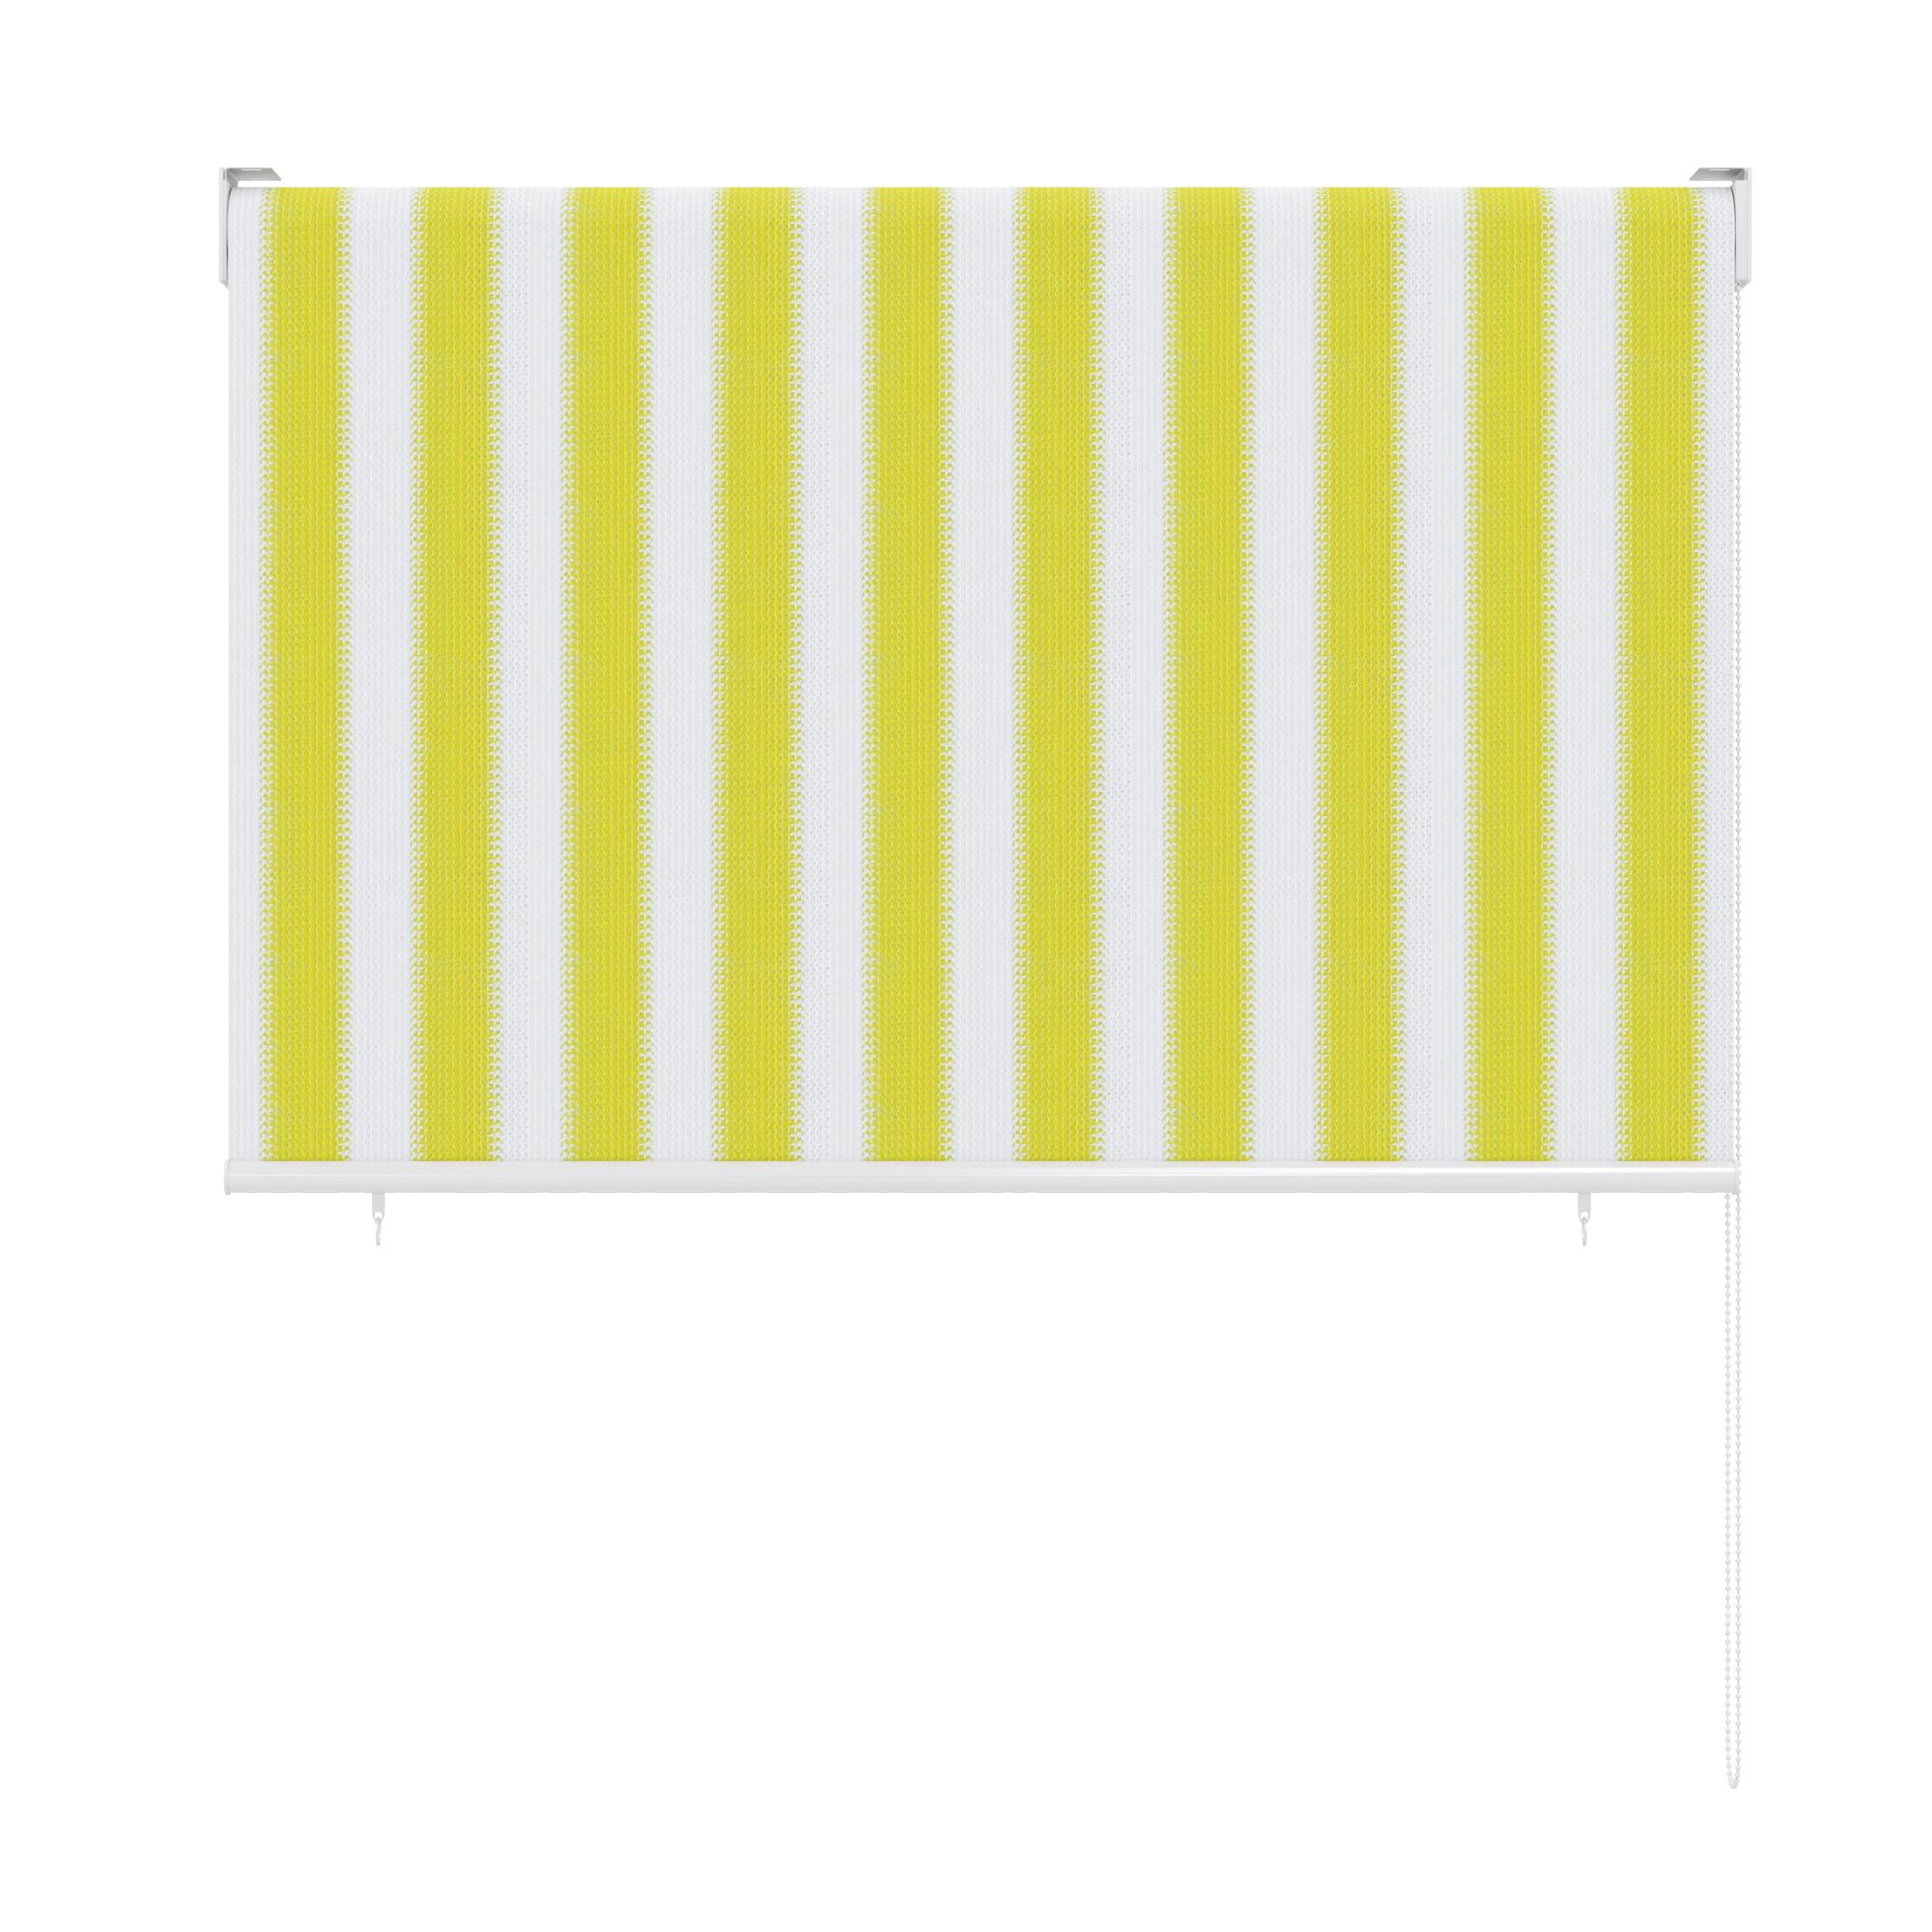 au enrollo balkon senkrechtmarkise 180 x 240cm gelb. Black Bedroom Furniture Sets. Home Design Ideas